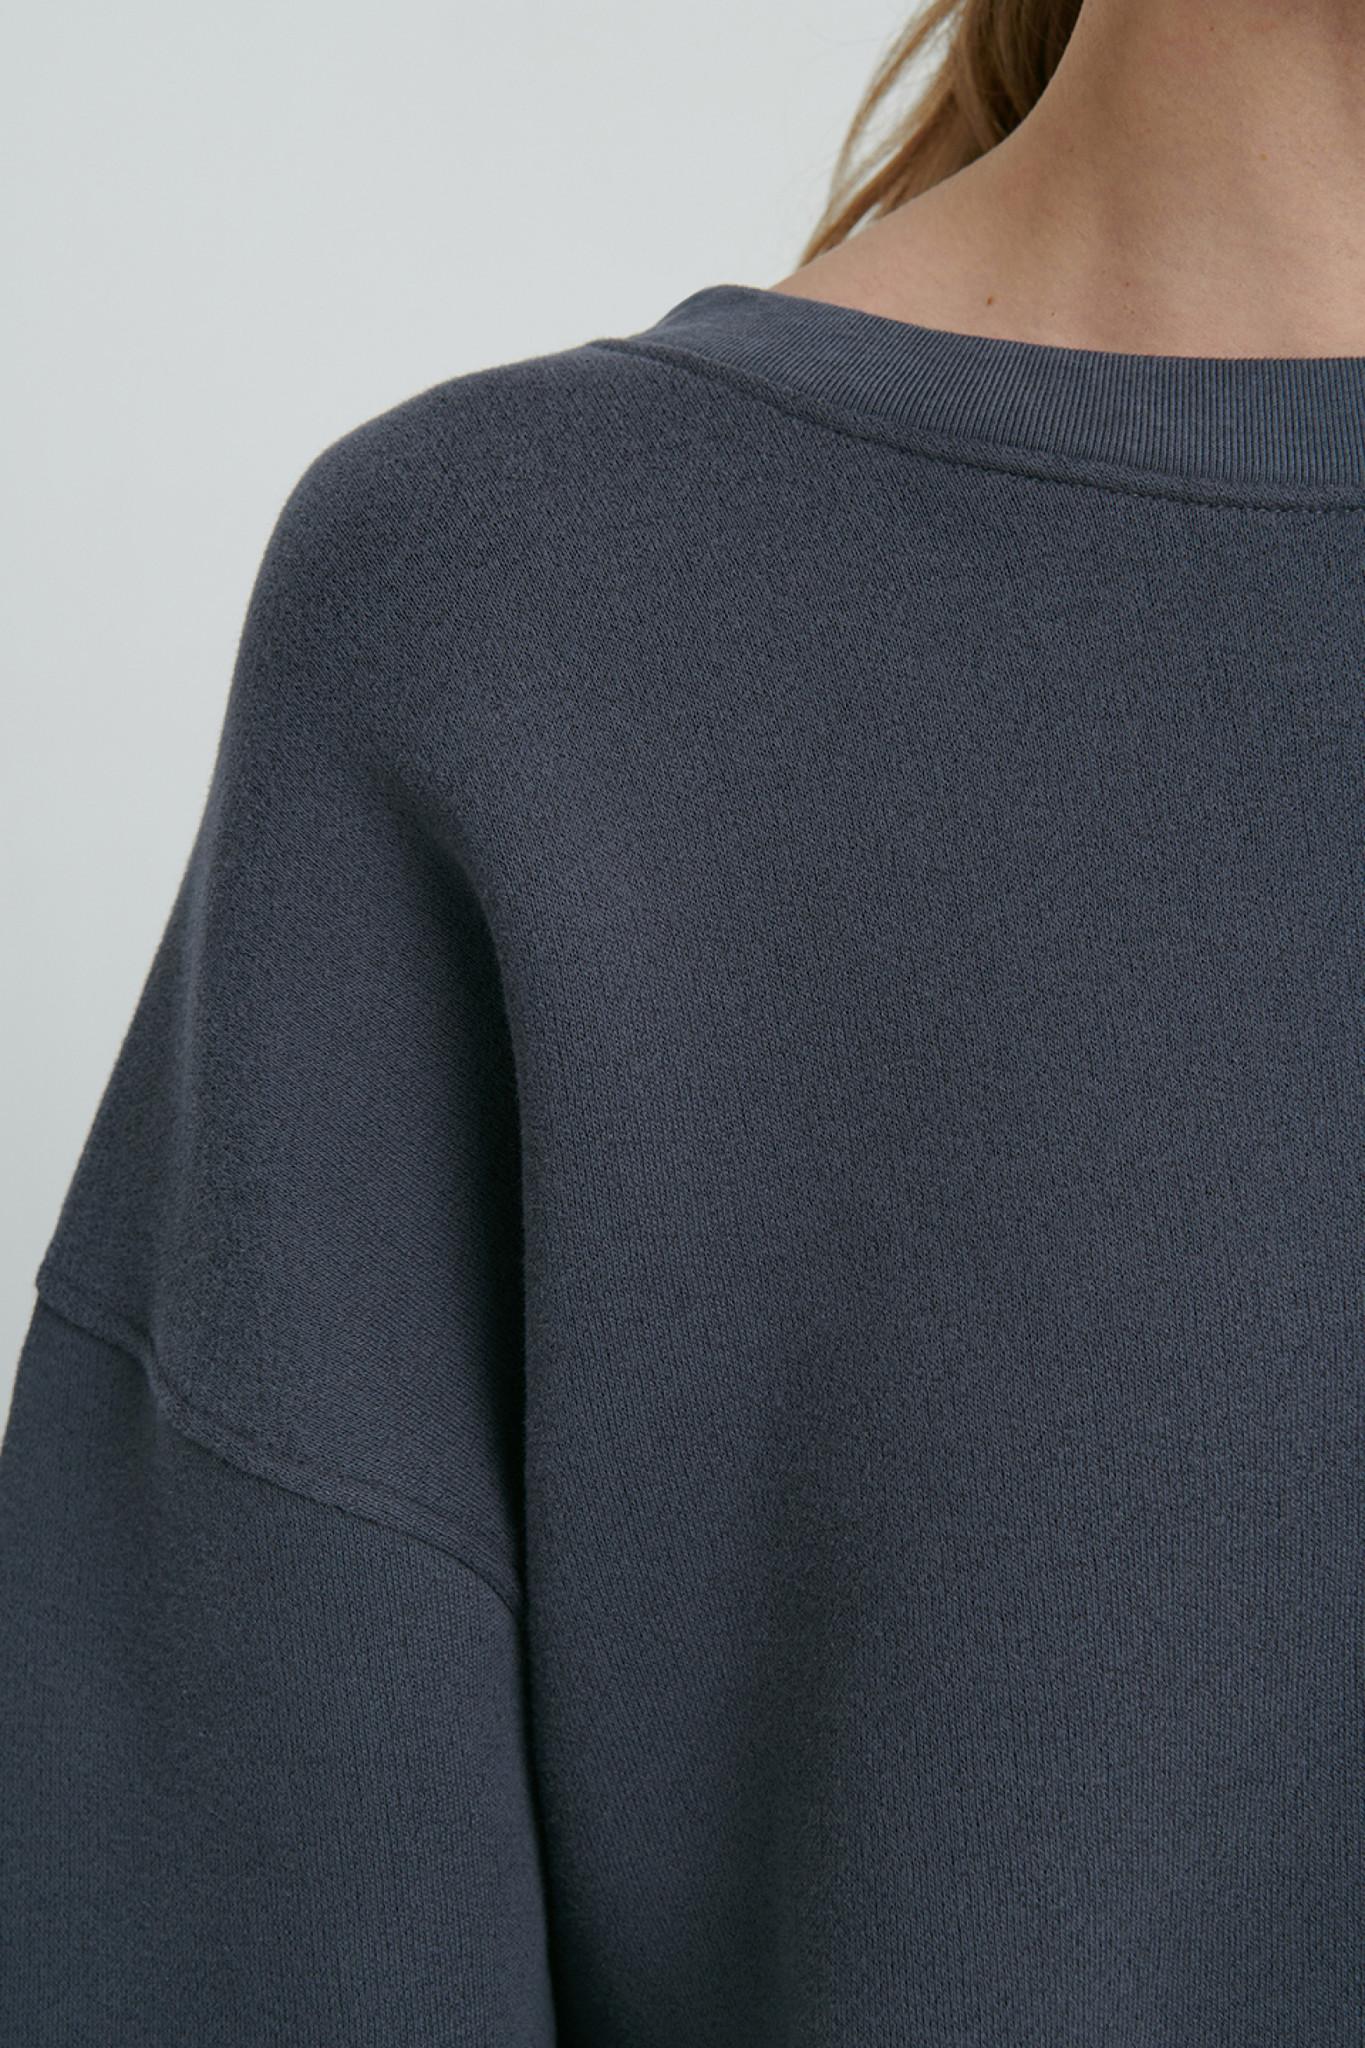 Ikatown Sweatshirt - Stormy-4